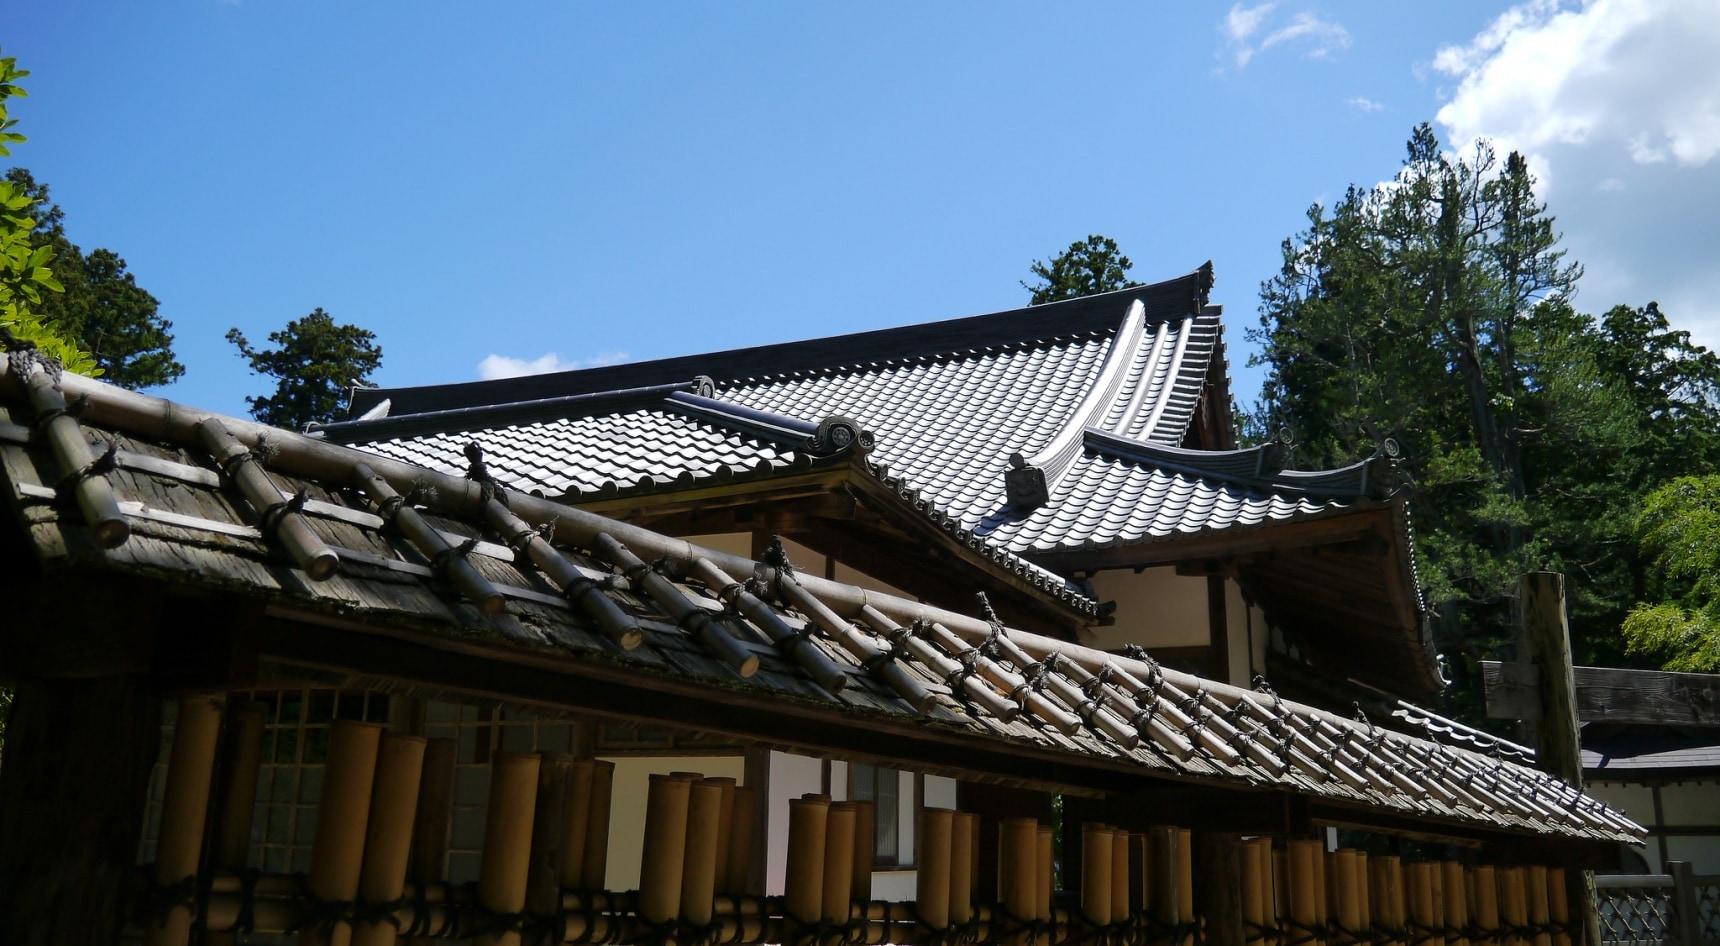 ซึมซาบวัฒนธรรมภูมิภาคโทโฮคุผ่าน 4 ที่เที่ยว